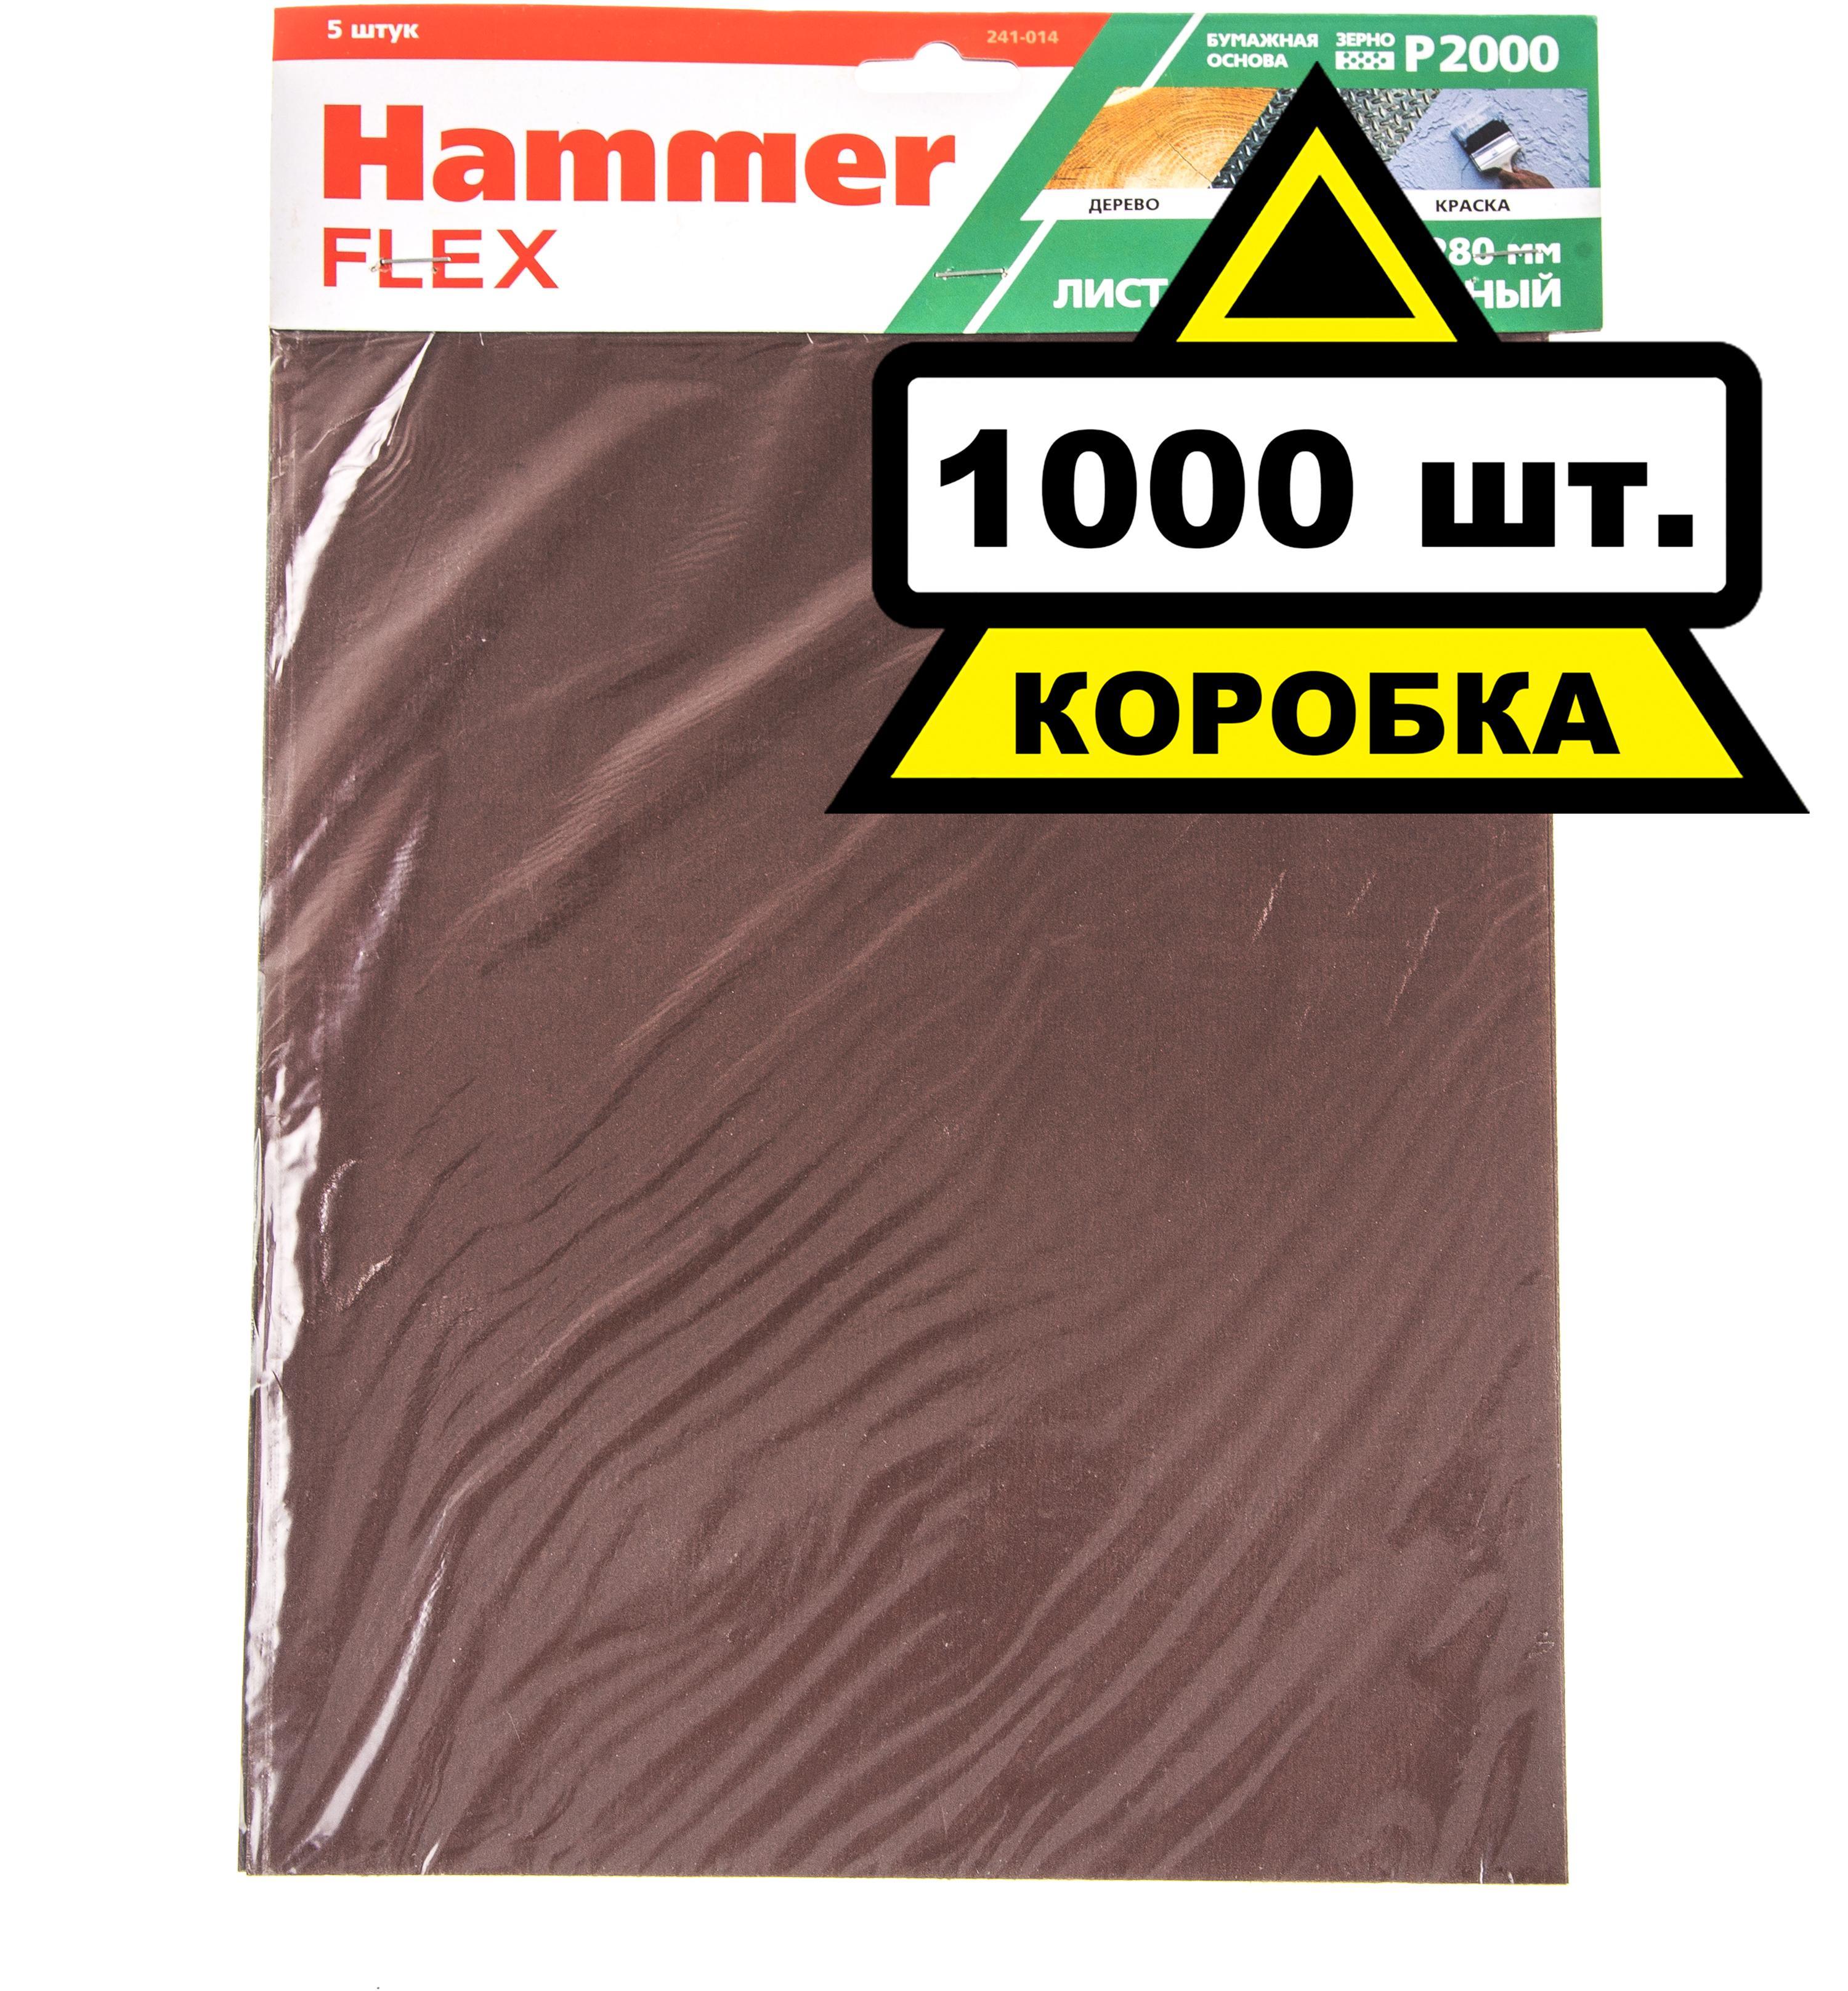 Купить Лист шлифовальный Hammer 230x280мм p2000 бумажная основа